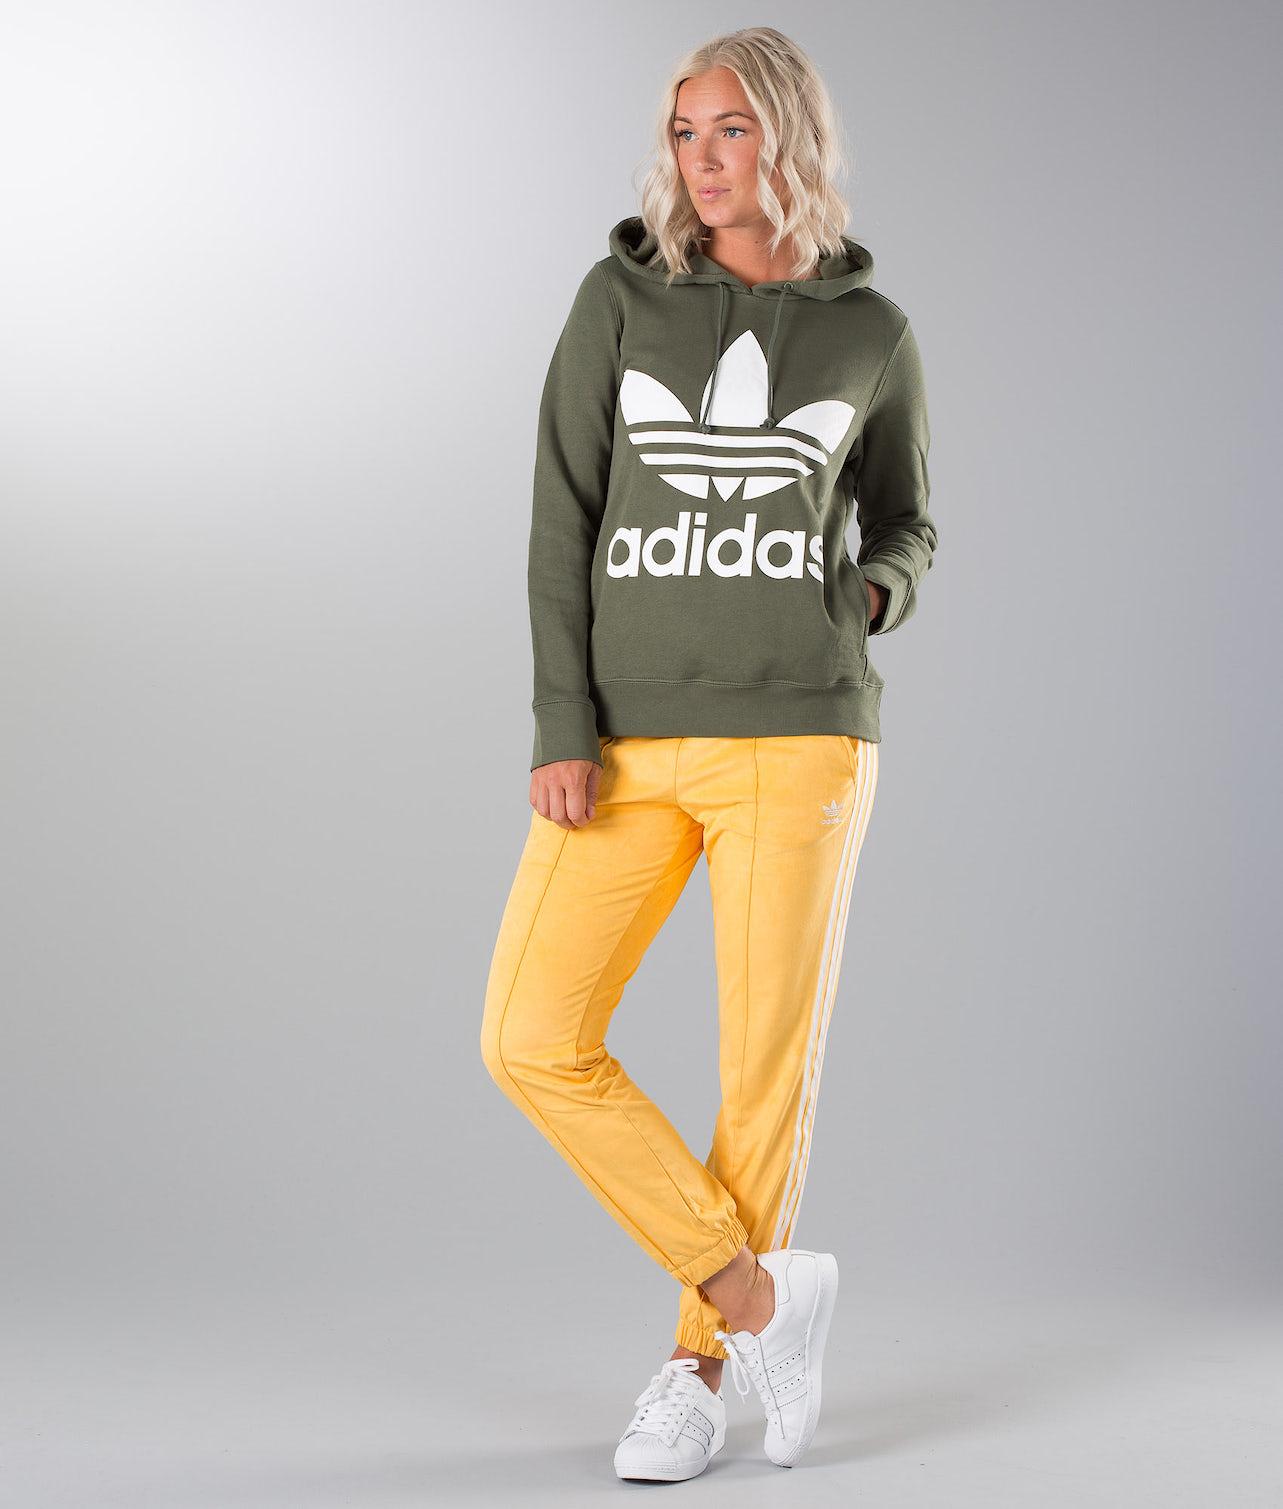 Trefoil | Achète des Capuche de chez Adidas Originals sur Ridestore.fr | Bien-sûr, les frais de ports sont offerts et les retours gratuits pendant 30 jours !